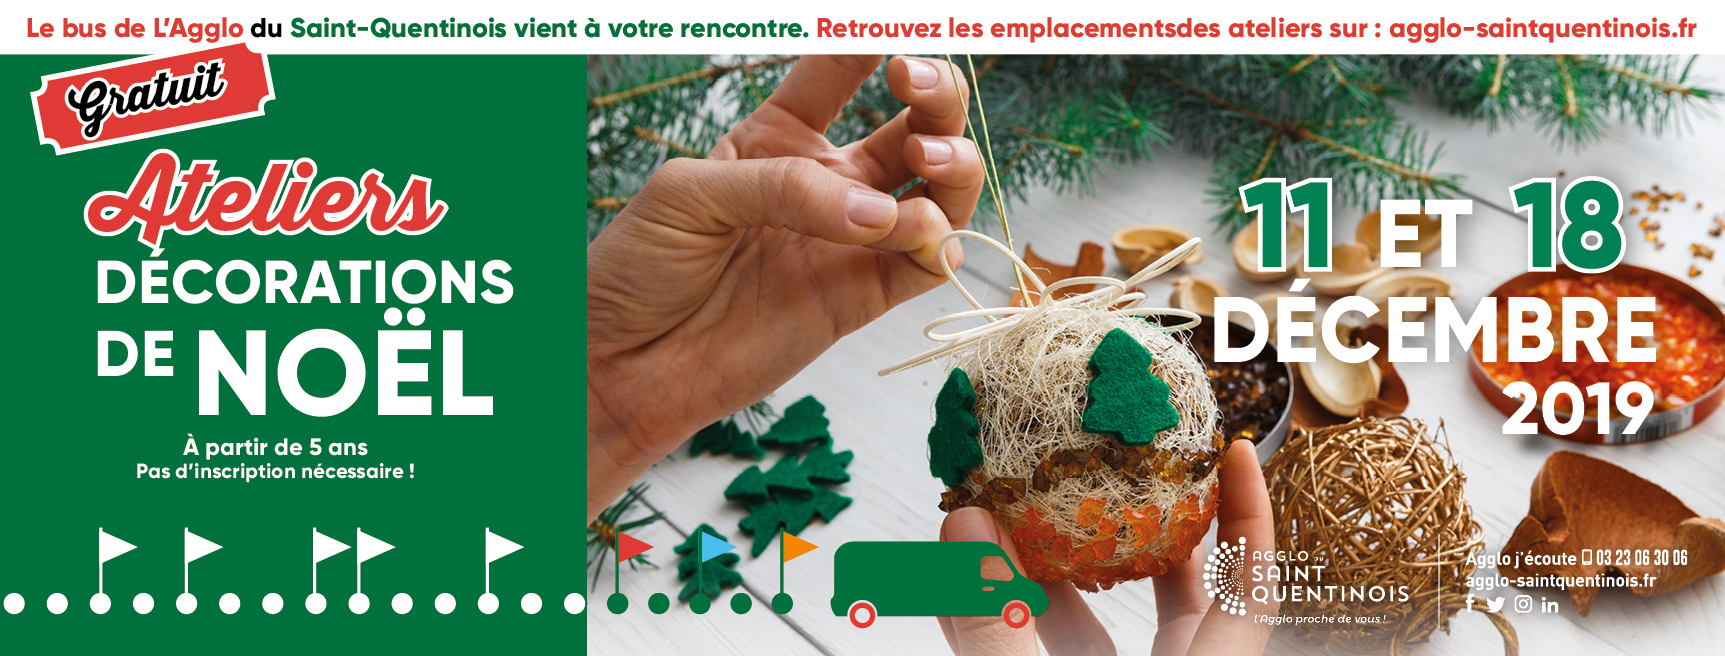 ♻️✂️Le bus de l'@AggloStQuentin vient à votre rencontre le 11 et le 18 décembre 2019 et vous propose de participer aux ateliers de fabrication de décorations de Noël à base d'objets recyclés à bord de notre bus itinérant !#AggloProcheDeVous agglo-saintquentinois.fr/agenda-133/ate…